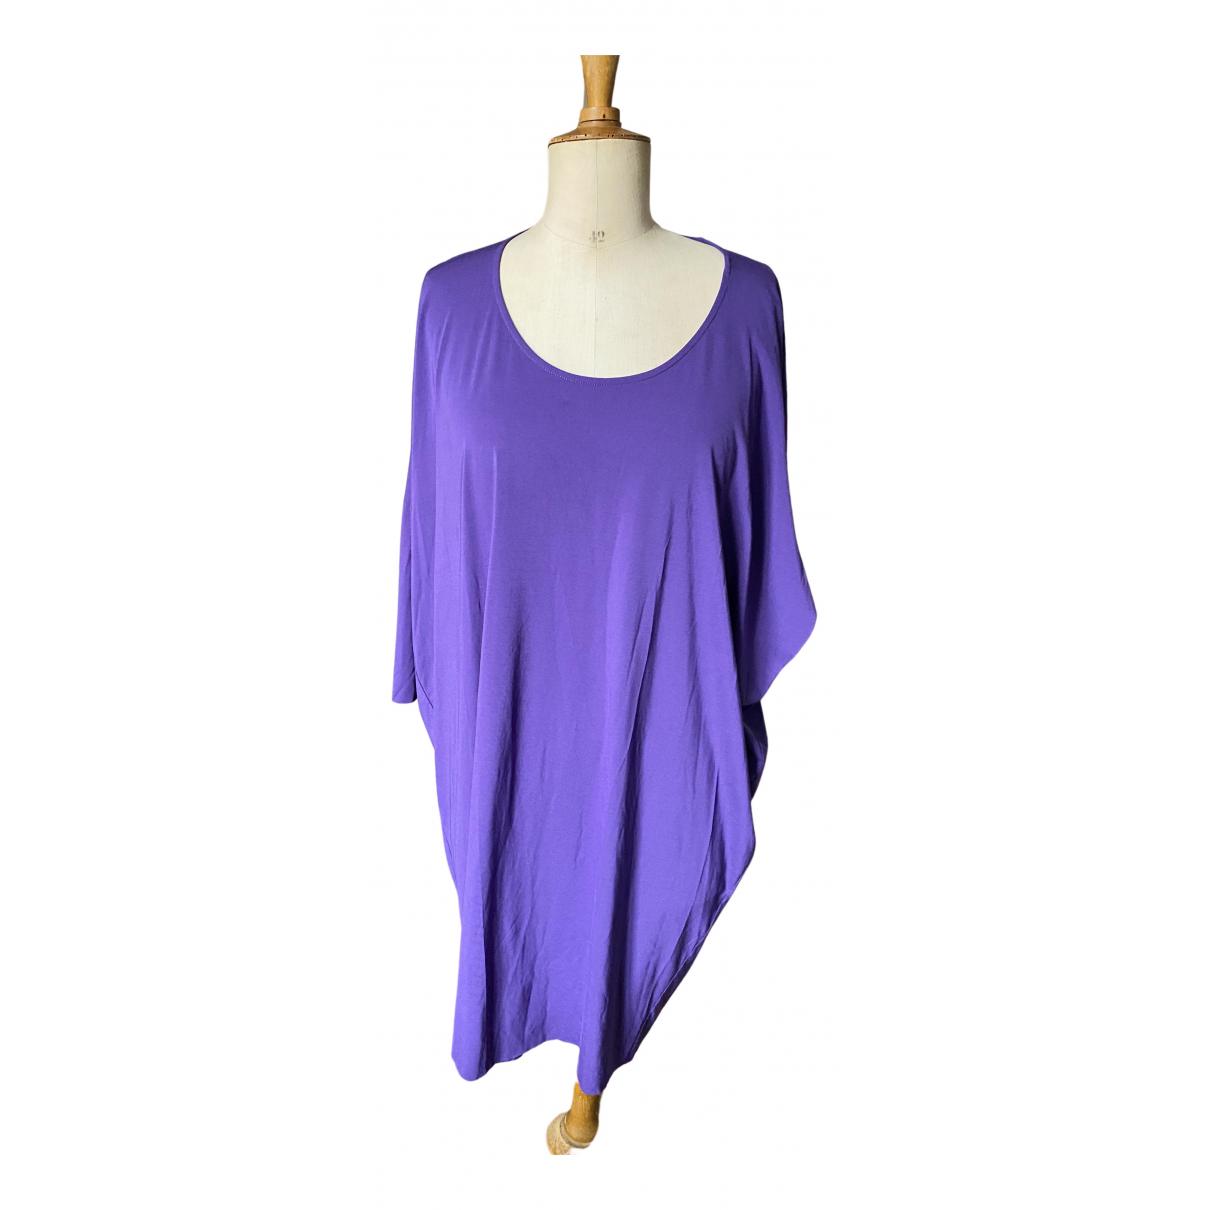 Cos \N Kleid in  Lila Denim - Jeans